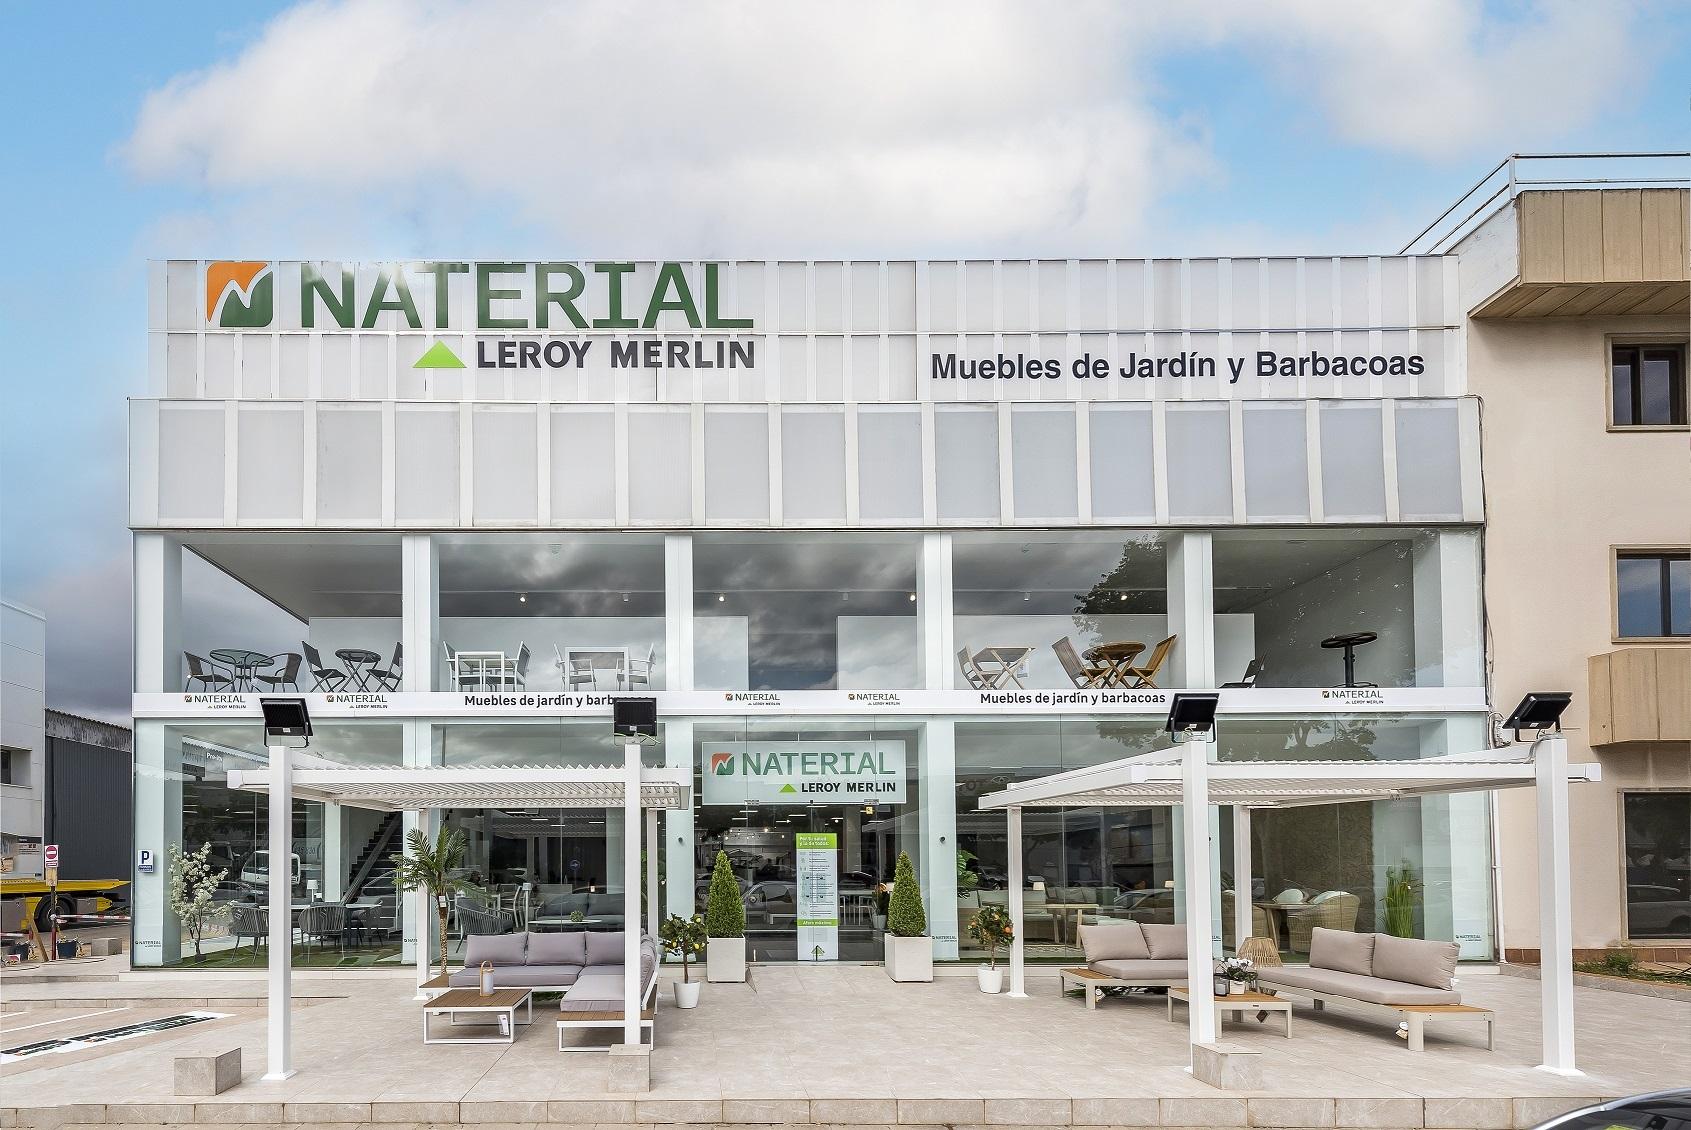 Tienda Naterial de Leroy Merlin